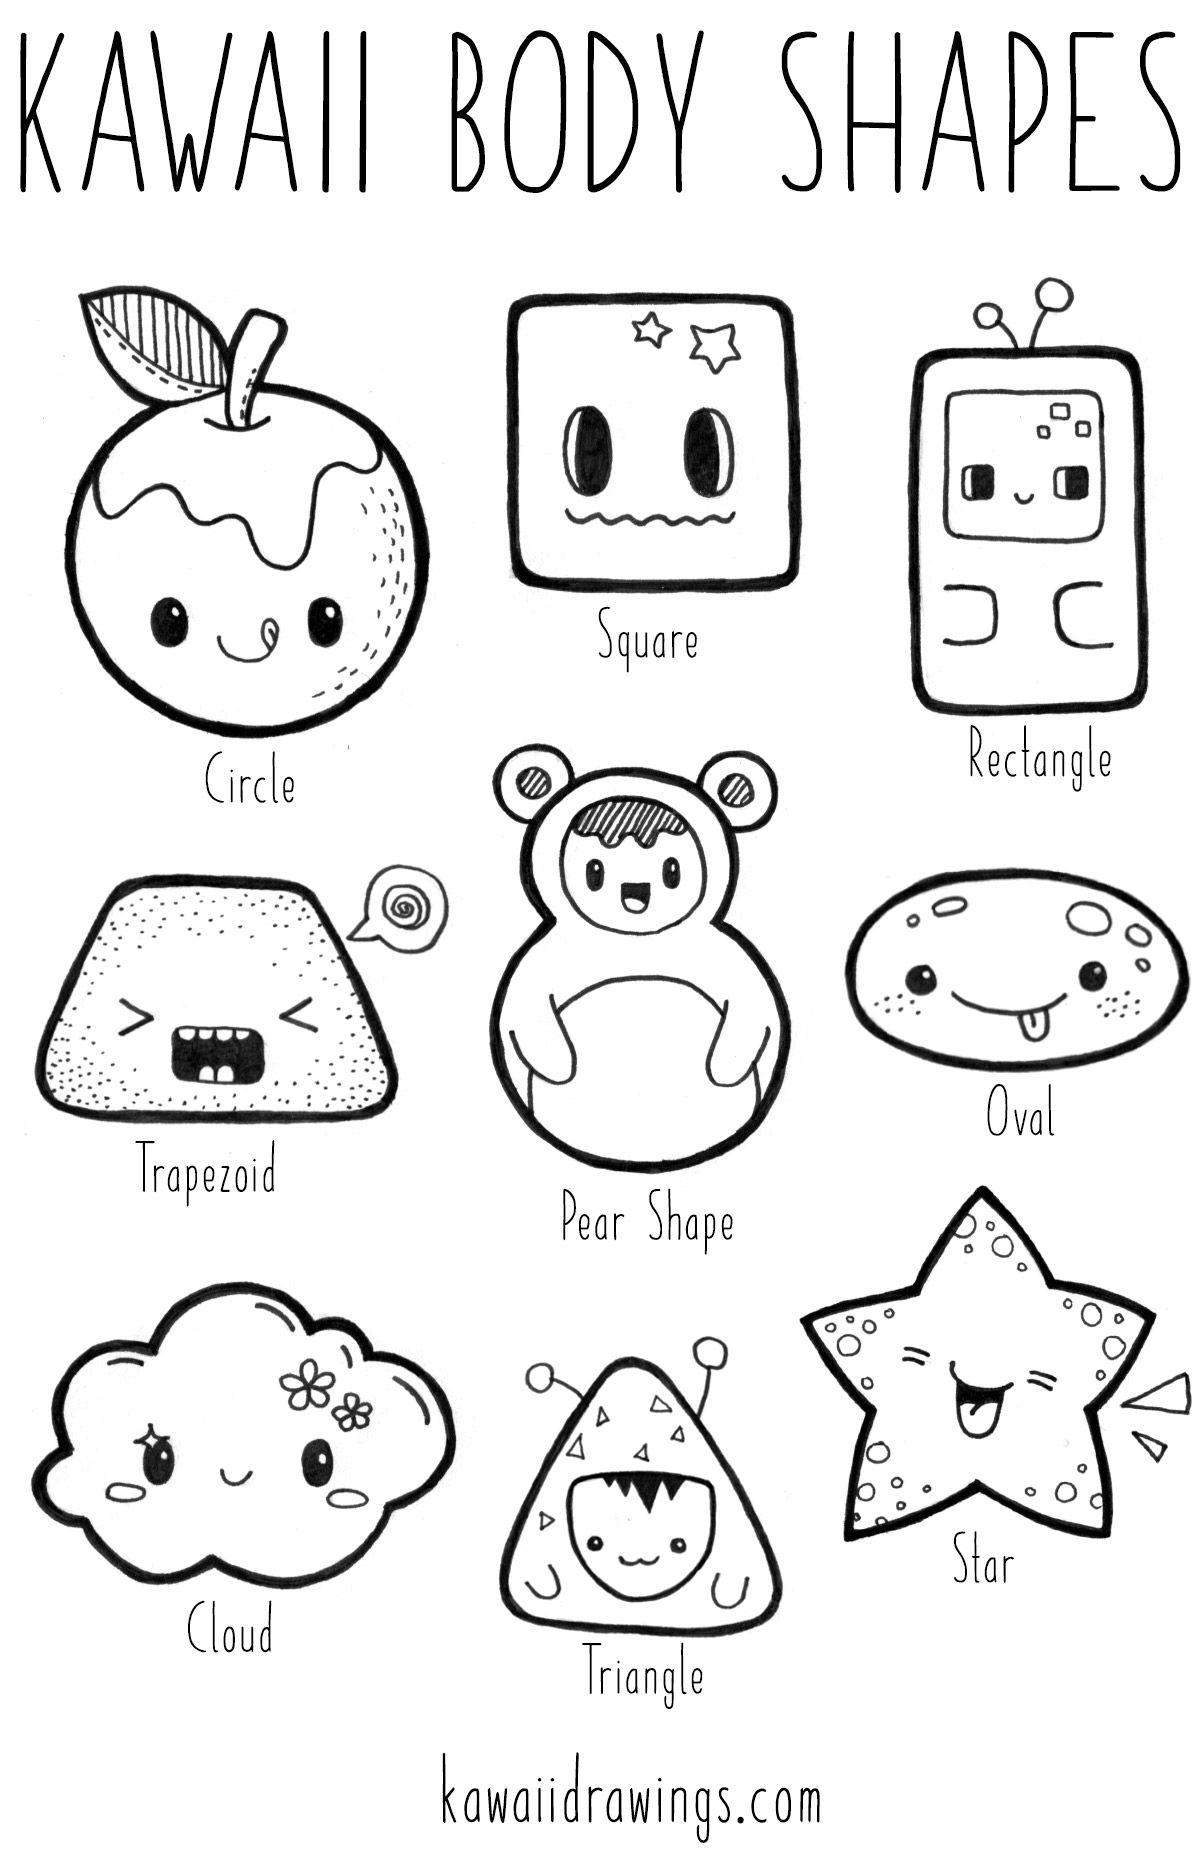 Kawaii body shapes, how to turn basic shapes into kawaii